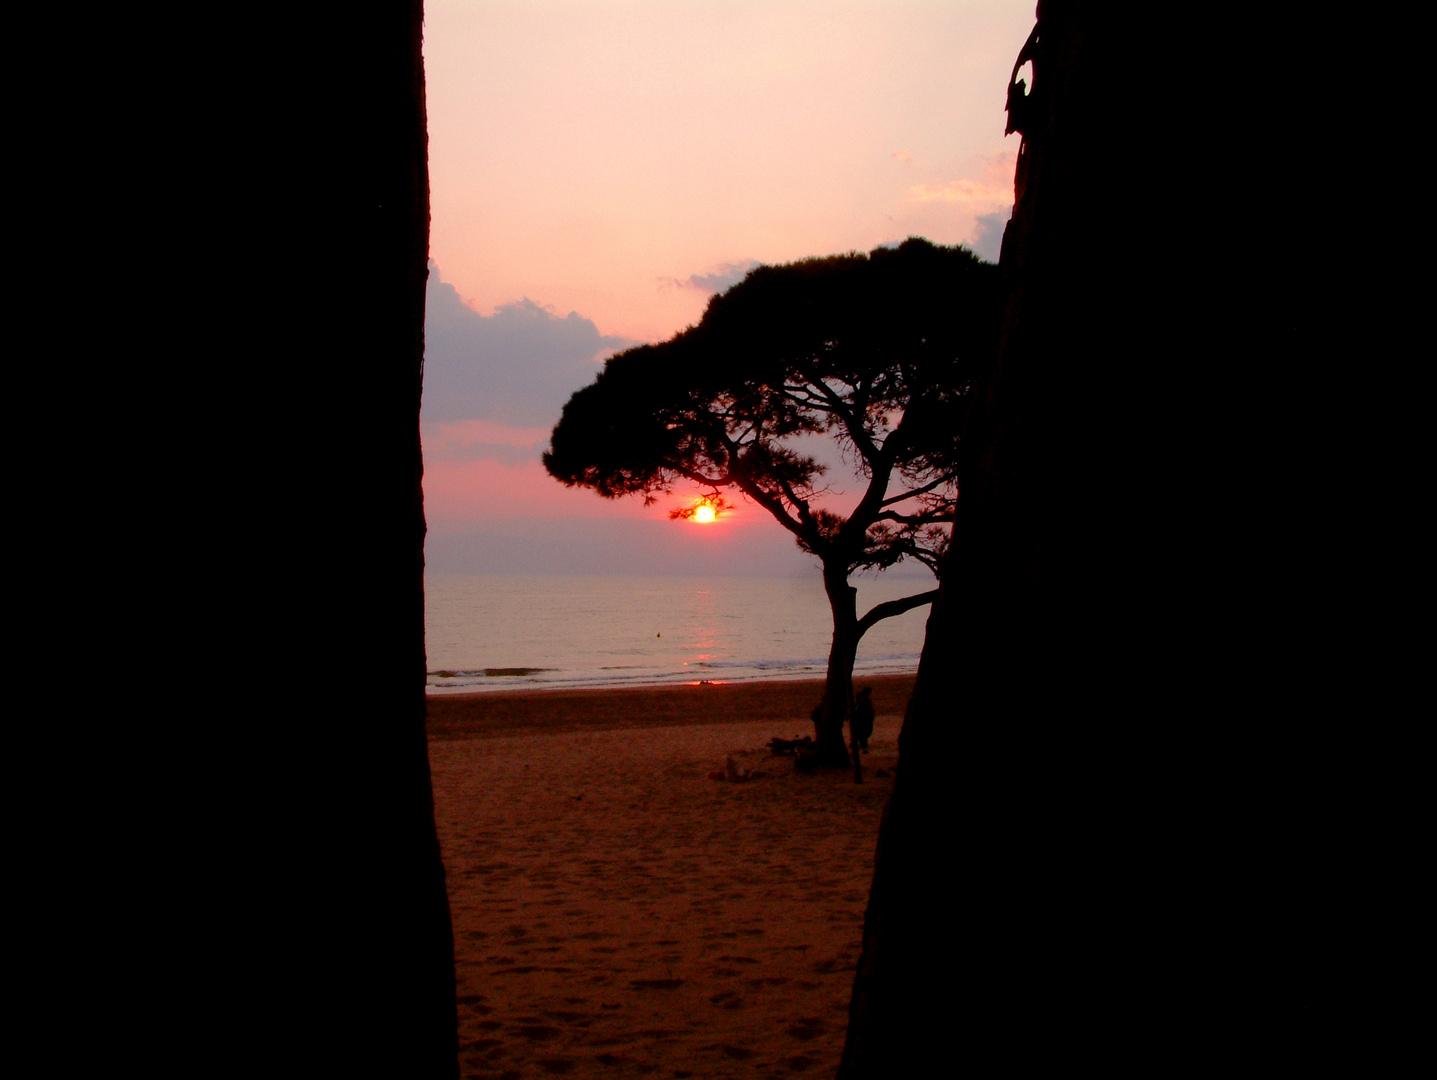 Árboles, arena y mar (Bäume, Sand und Meer)